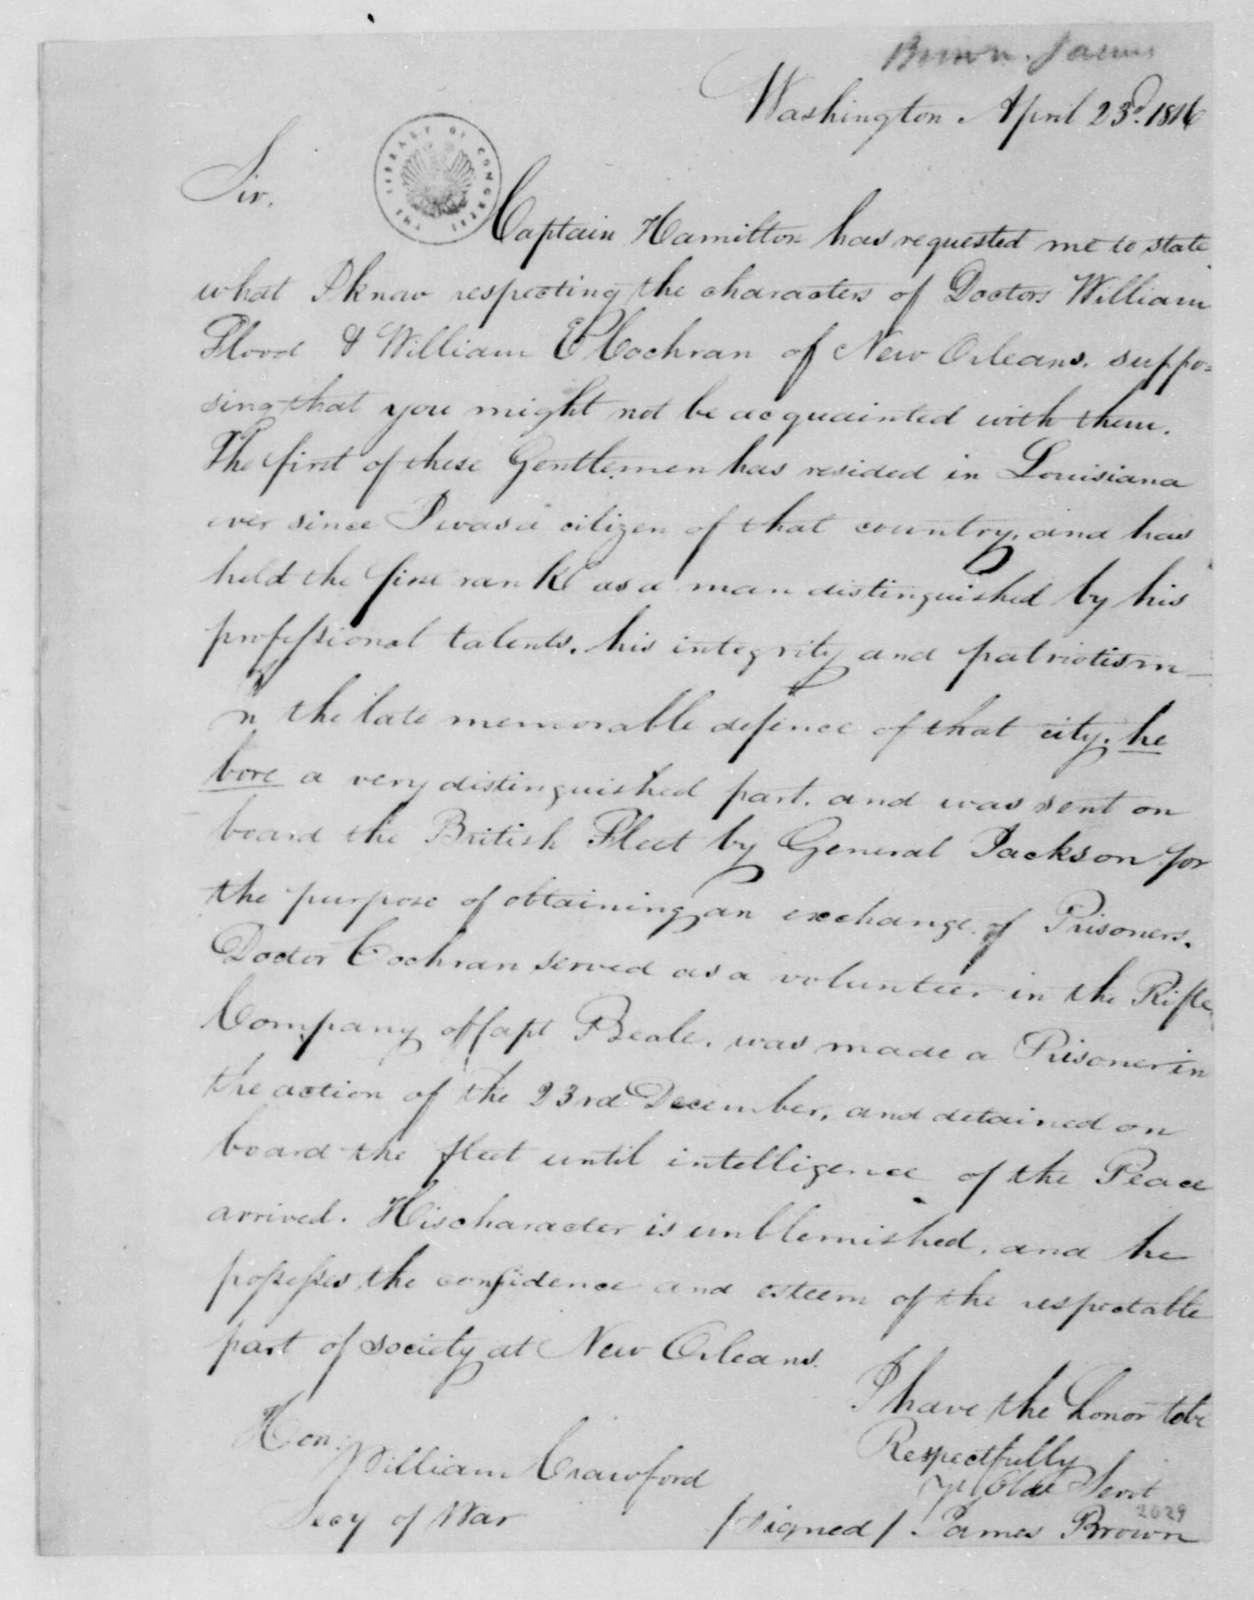 James Brown to William H. Crawford, April 23, 1816.